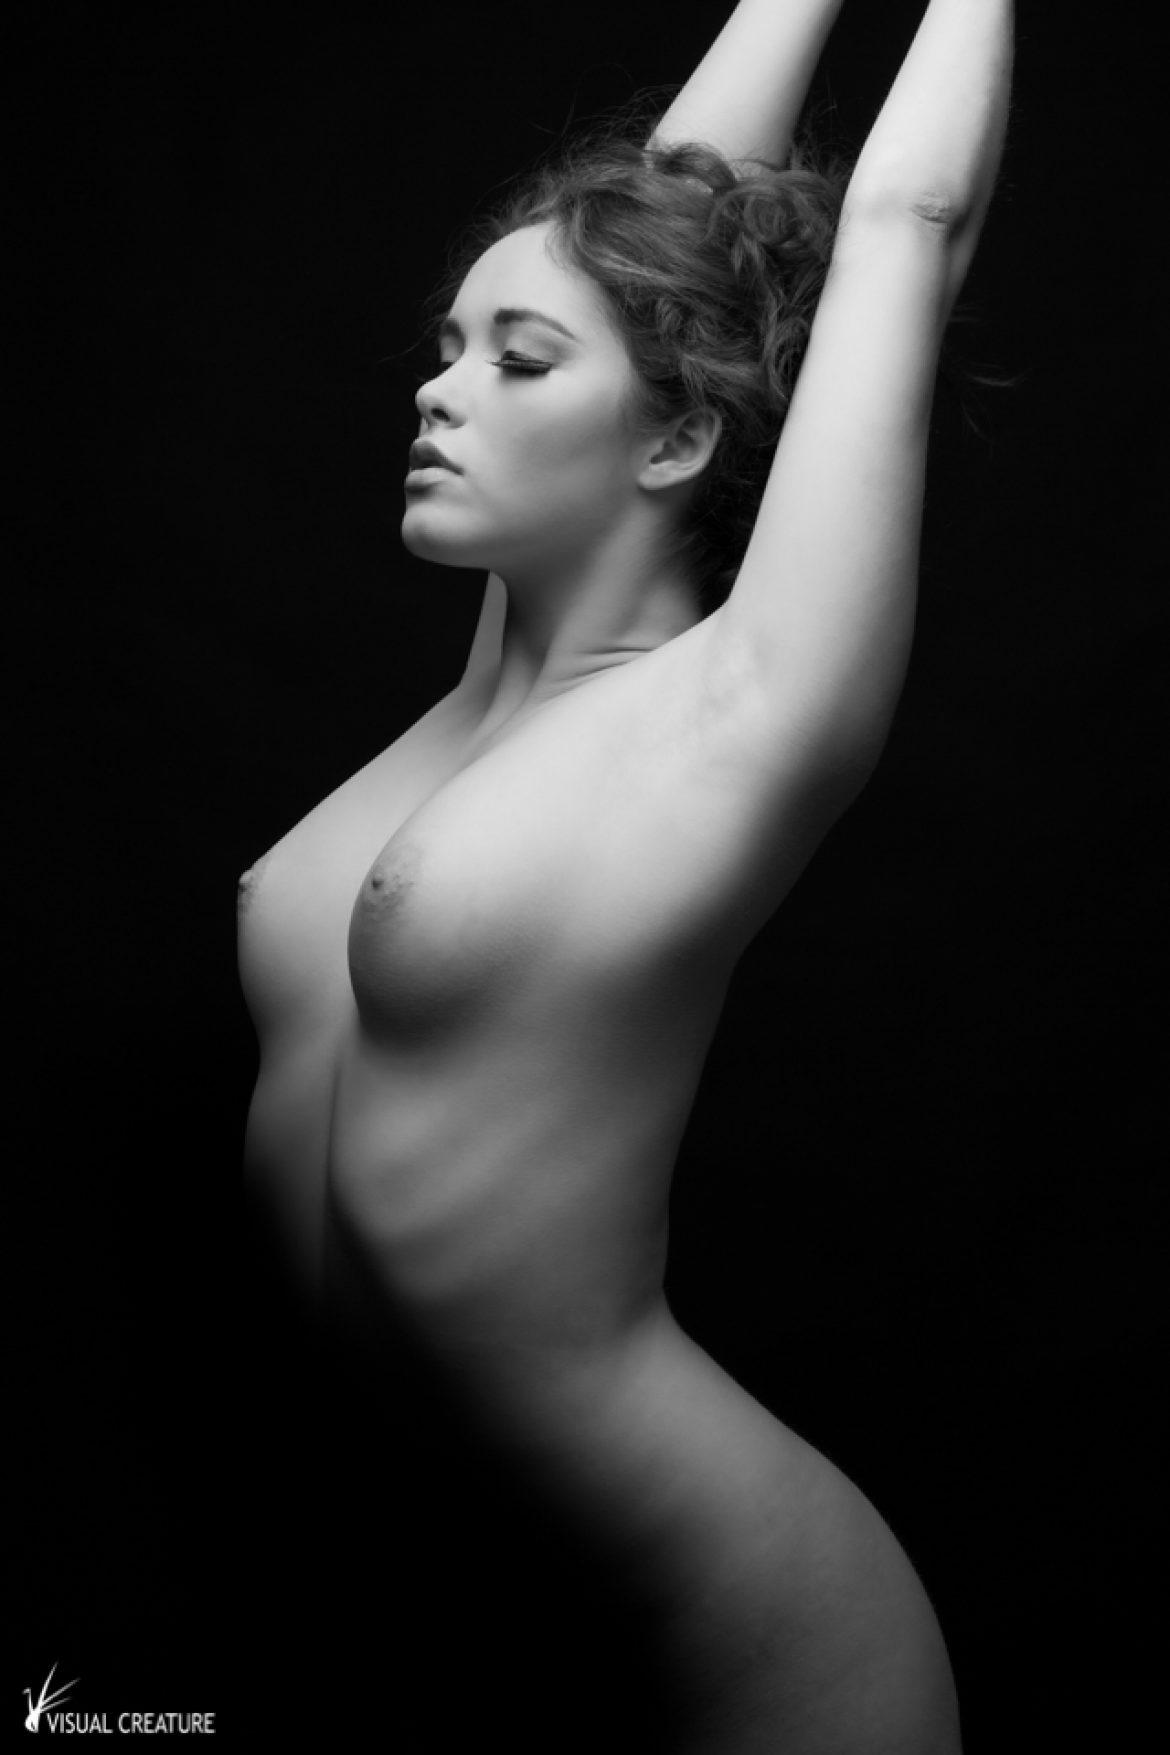 Singulars: Artistic nude